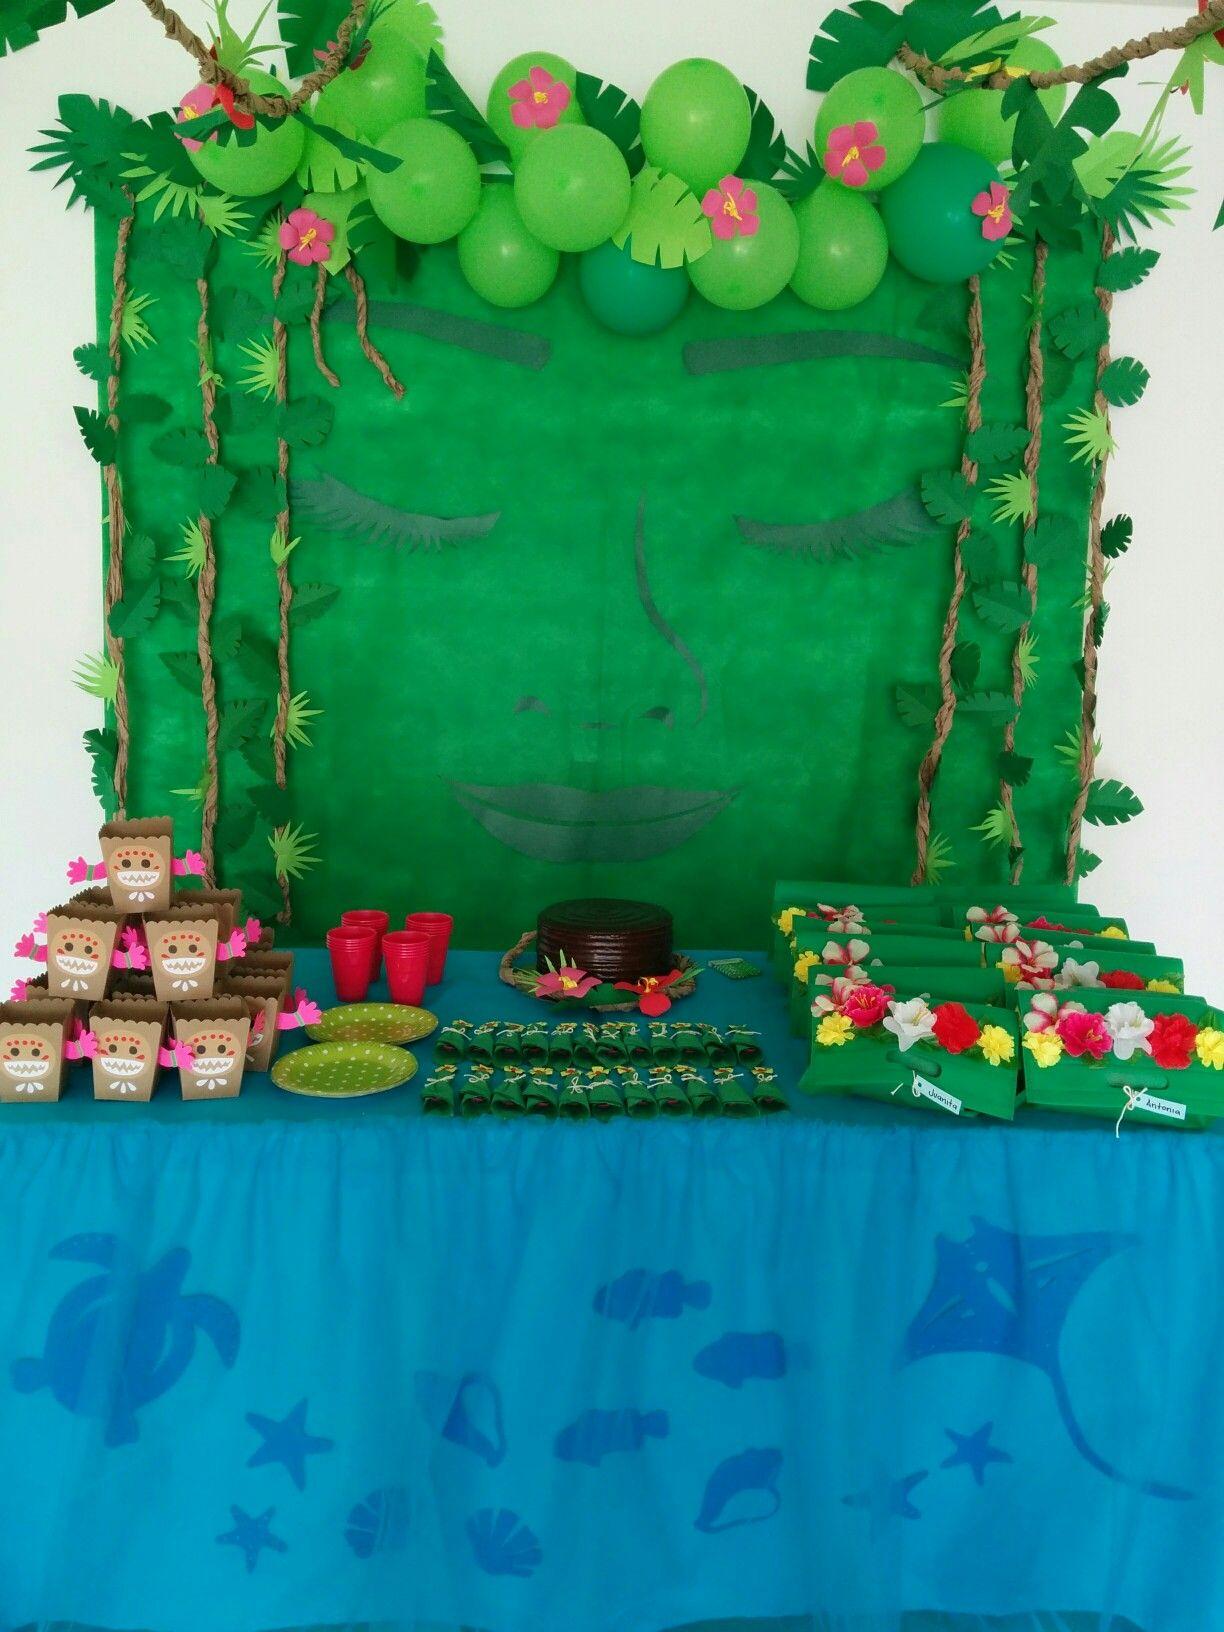 Moana birthday party tefiti moana kakamoros camp life for Backdrop decoration for birthday